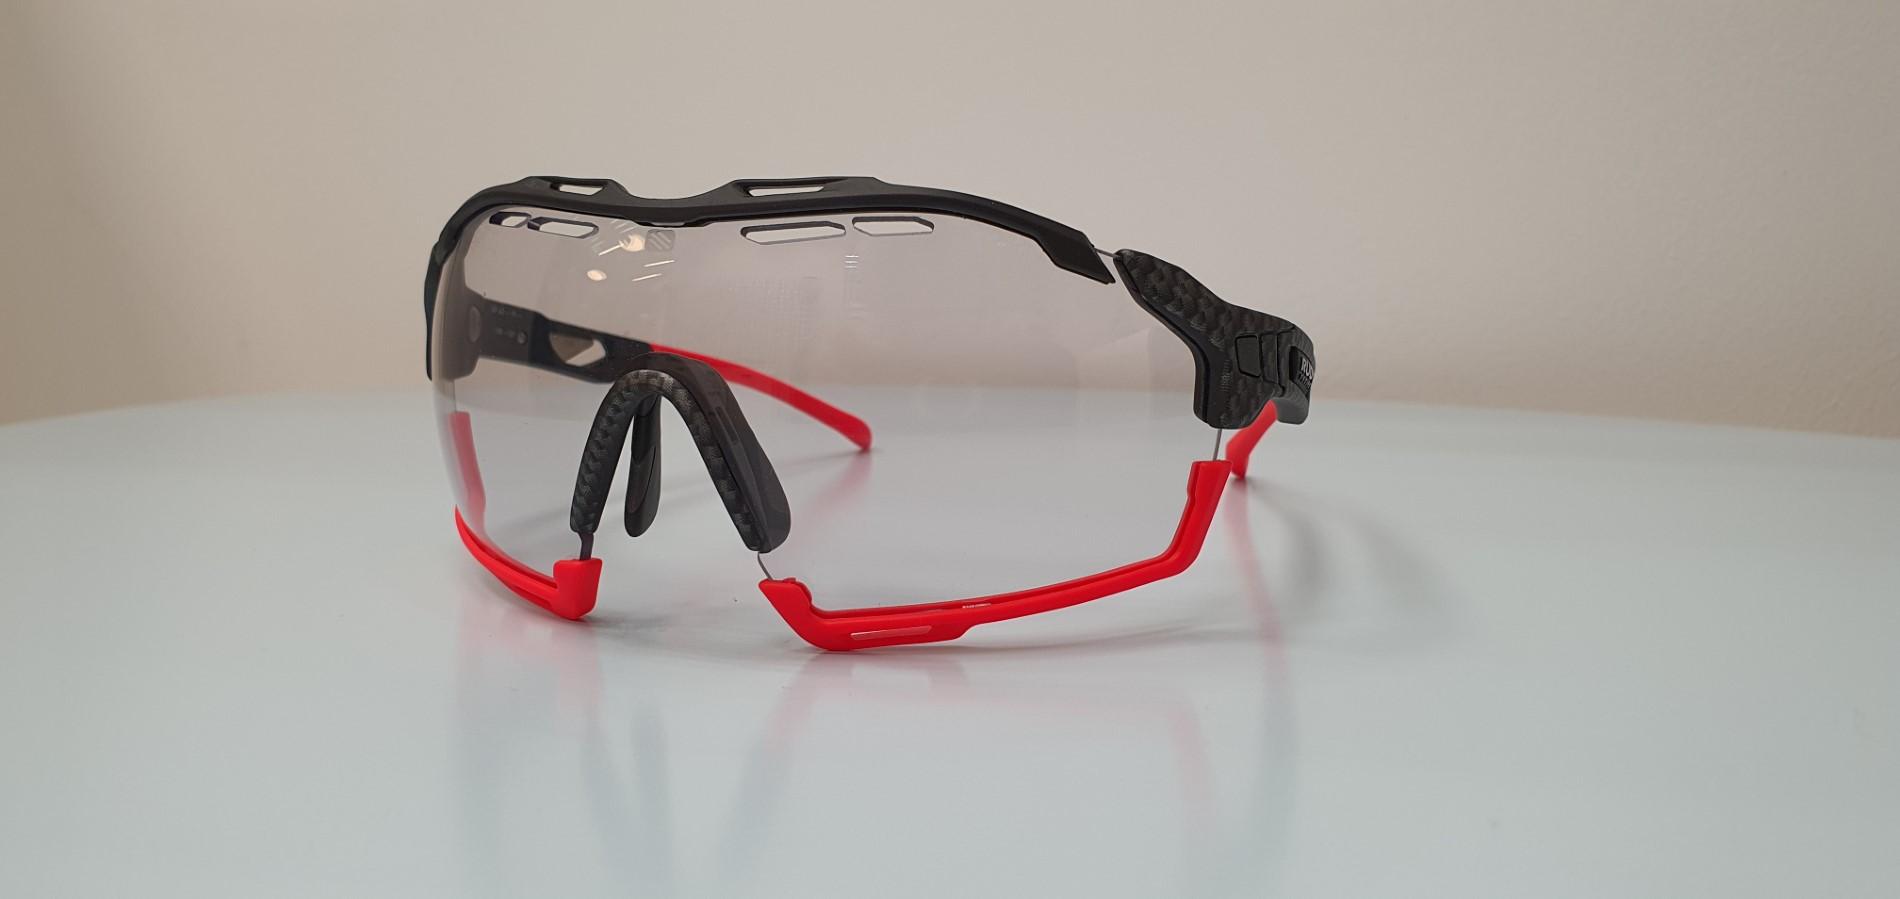 okulary sportowe katowice, okulary do uprawiania sportu